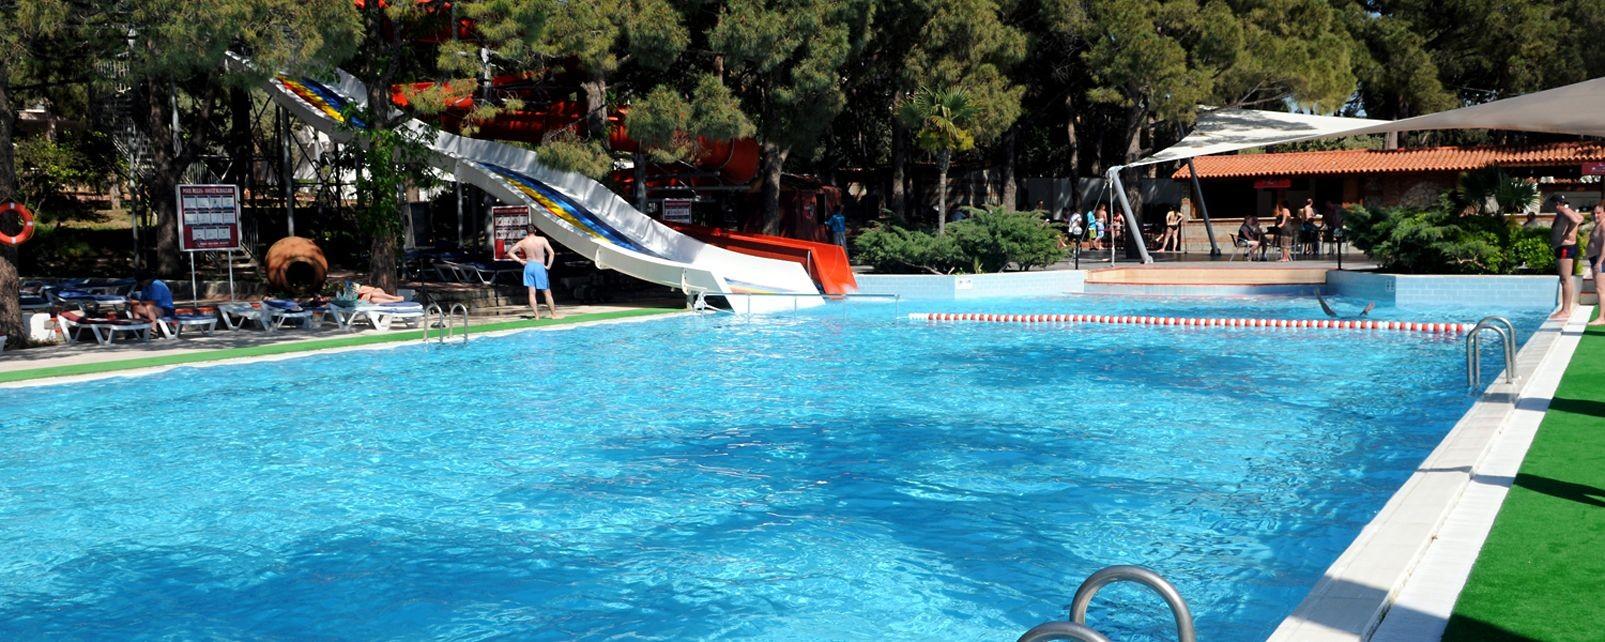 Omer Holiday Village - басейн